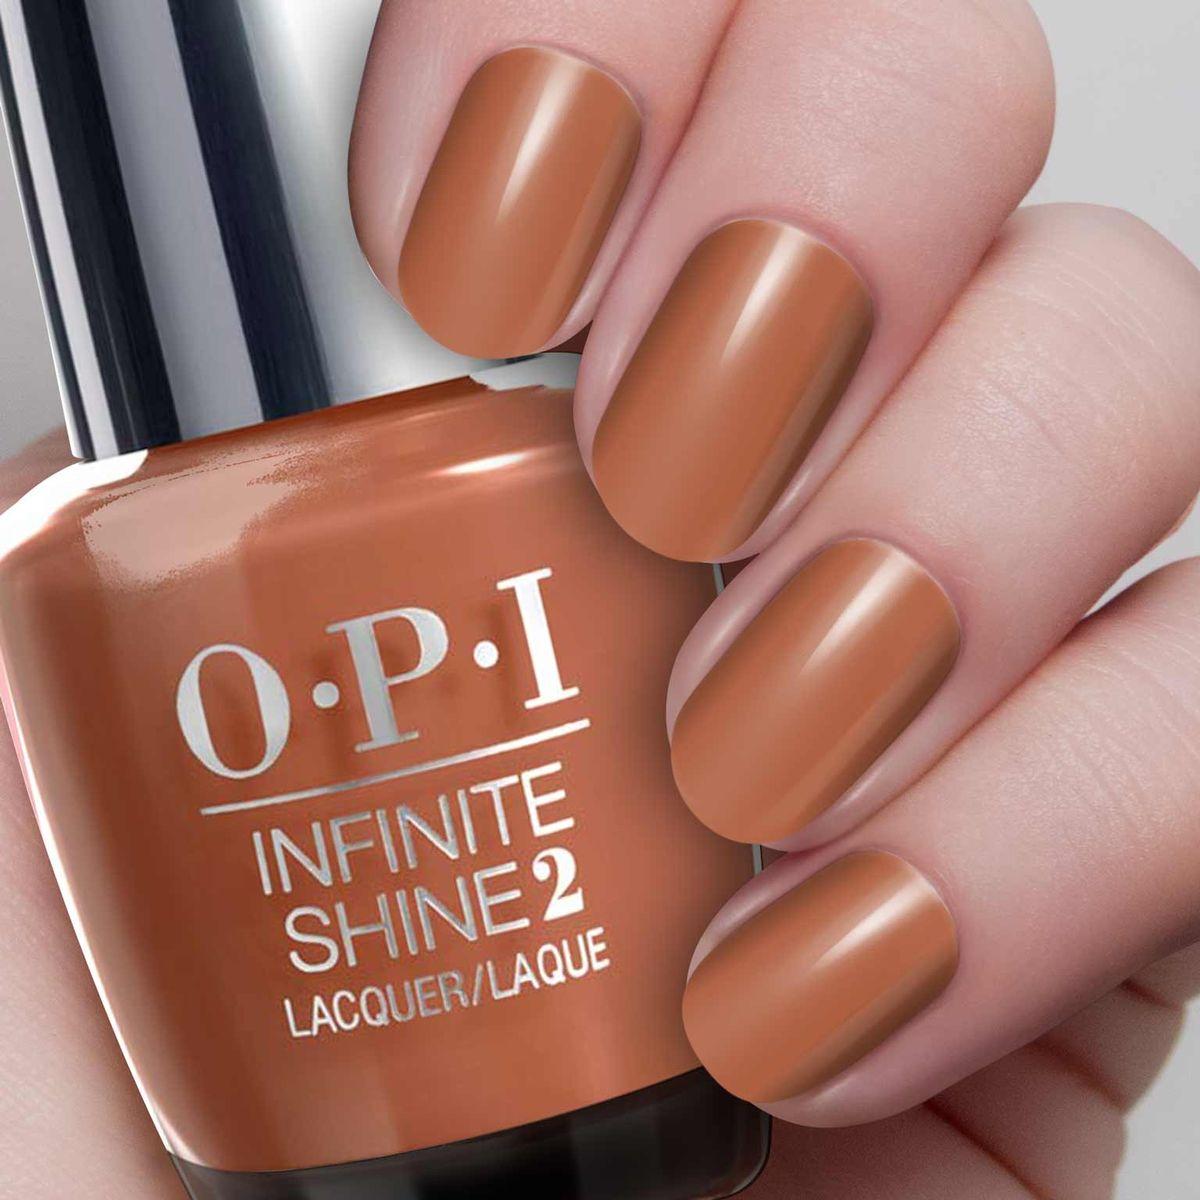 OPI Infinite Shine Лак для ногтей Brains & Bronze,15 мл5010777139655-«Линия Infinite Shine была разработана в ответ на желание покупателей получить лаковые покрытия, которые не уступают гелевым, имеют самые модные оттенки, обладают уникальной формулой и носят культовые имена, которыми так знаменита компания OPI», — объясняет Сюзи Вайс-Фишманн, соучредитель и исполнительный вице-президент OPI. -«Покрытие Infinite Shine наносится и снимается точно так же, как и обычные лаки для ногтей, однако вы получаете те самые блеск и стойкость, которые отличают гелевую формулу!»Палитра Infinite Shine включает в себя широкий спектр оттенков,: от нейтральных до ярко-красных, оранжевых, розовых, а далее до темно-серых, синих и черного. В лаках Infinite Shine используется запатентованная формула. Каждый флакон снабжен эксклюзивной кистью ProWide™ для идеального нанесения.